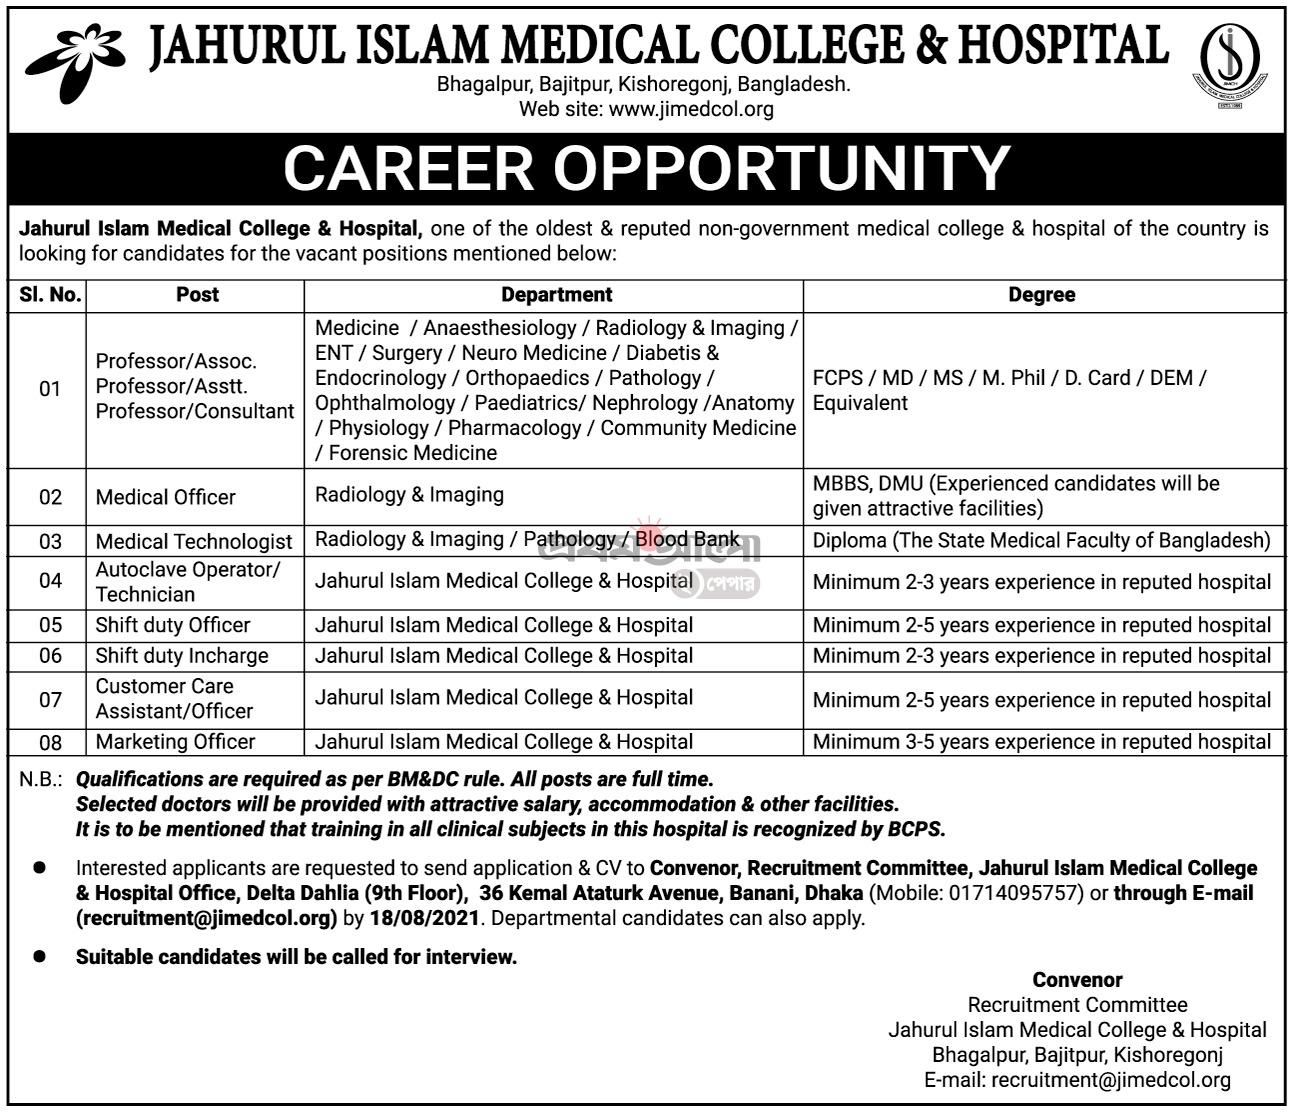 জহুরুল ইসলাম মেডিকেল কলেজে চাকরির বিজ্ঞপ্তি ২০২১ - Jahurul Islam Medical College Job circular 2021 - মেডিকেল কলেজ হাসপাতাল নিয়োগ বিজ্ঞপ্তি ২০২১ - ২০২২